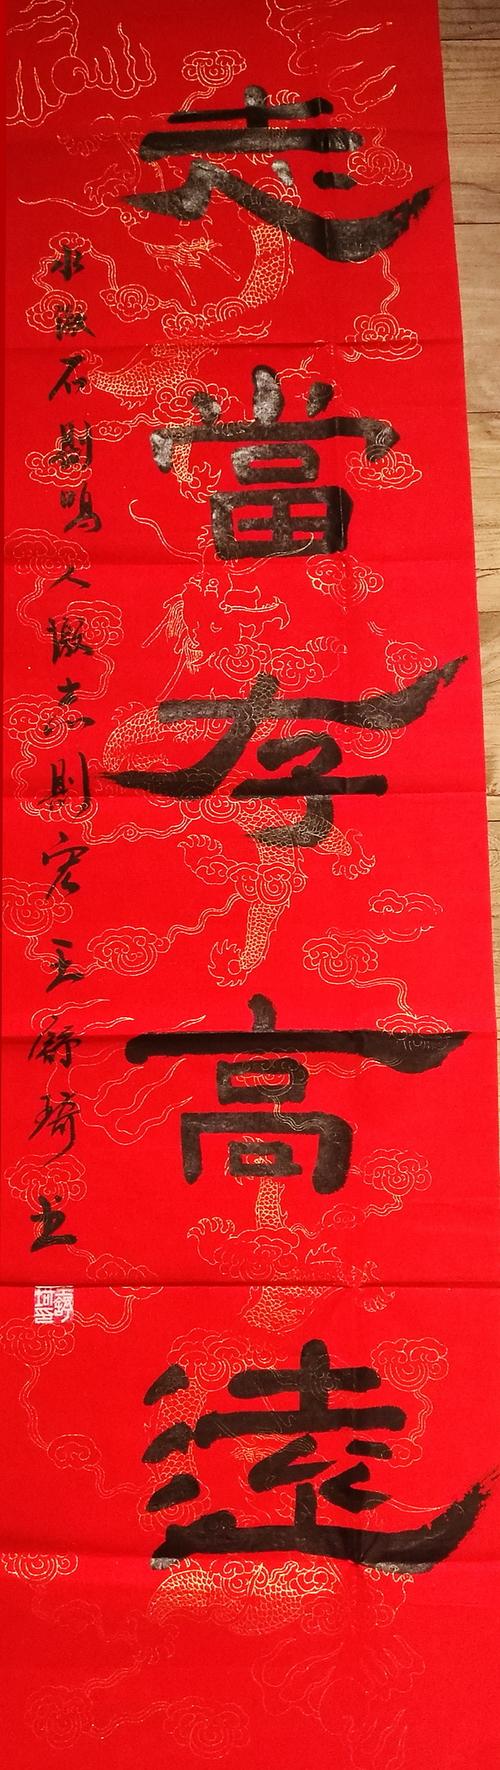 王舒琦-15岁-黑龙江.jpg